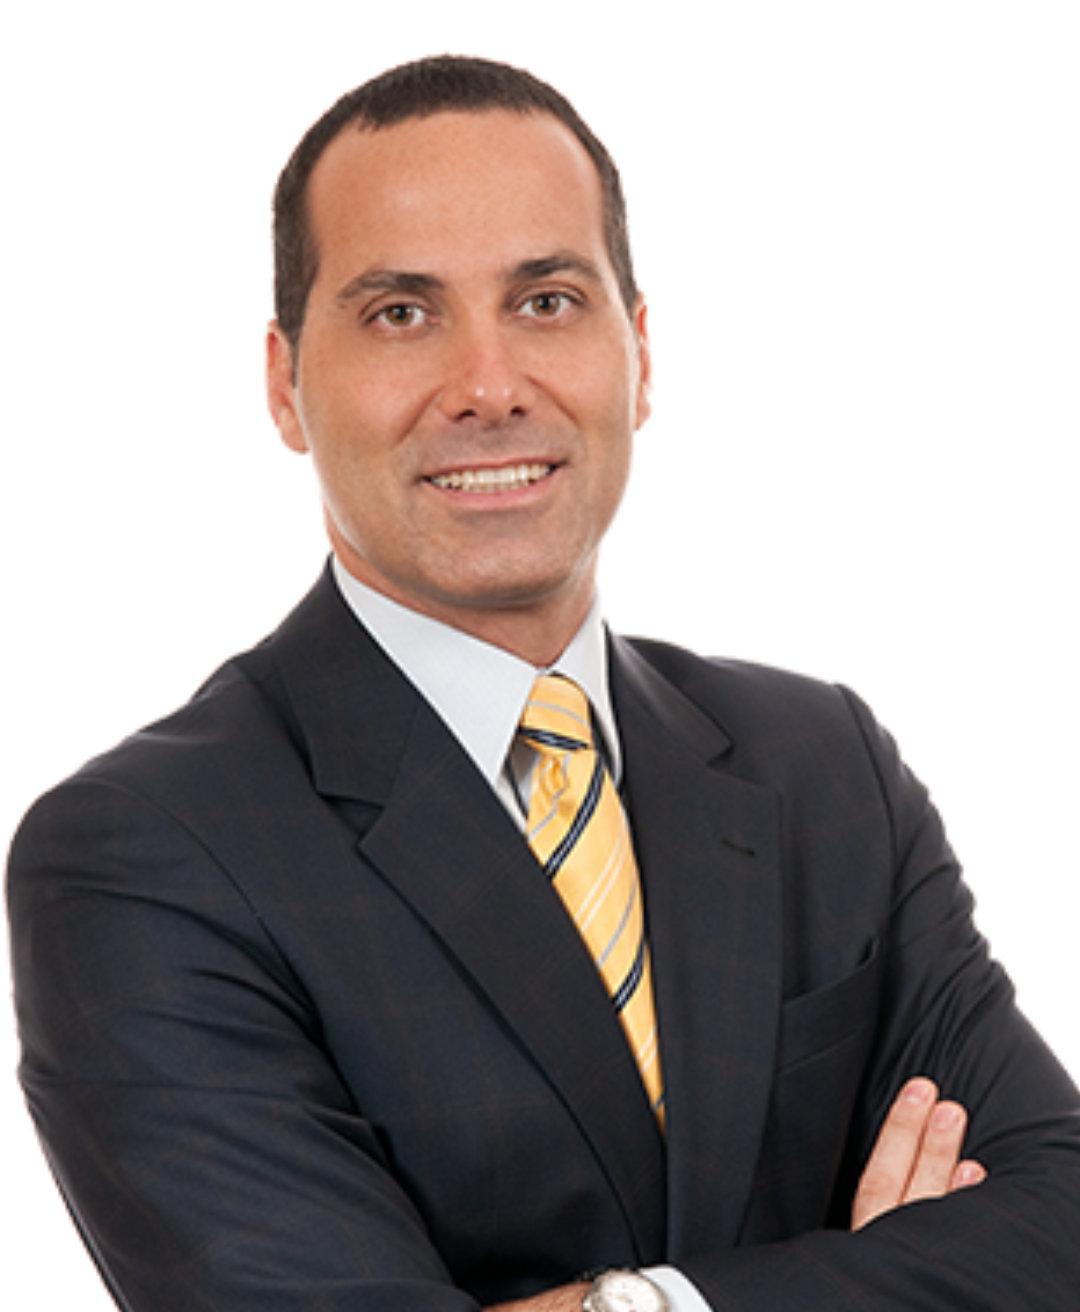 Gustavo Cauduro Hermes